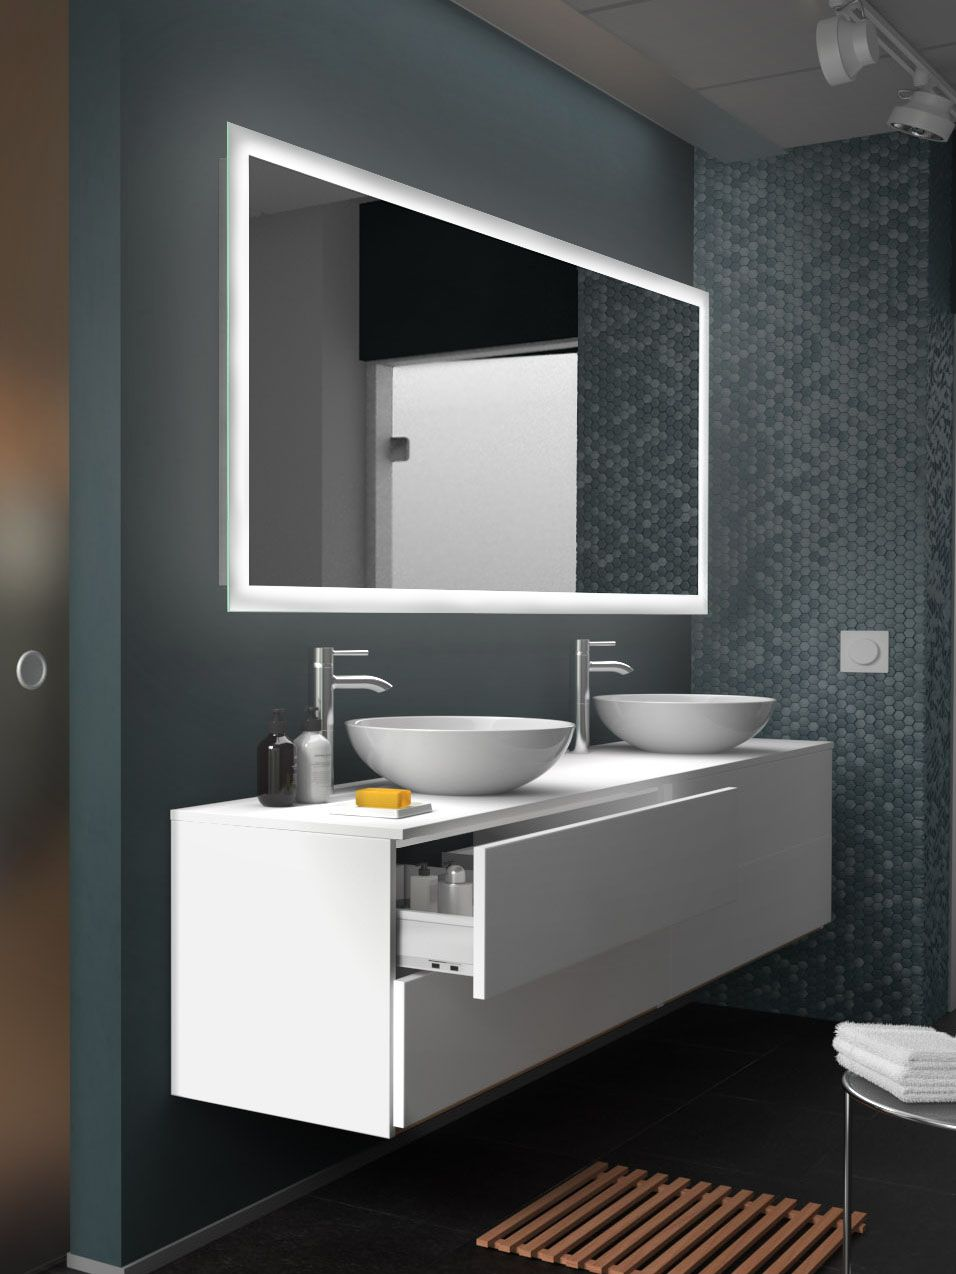 Led Badspiegel New York Mit Rundum Verlaufender Hinterleuchteter Satinierung Badspiegel Bad Spiegel Beleuchtung Badspiegel Led